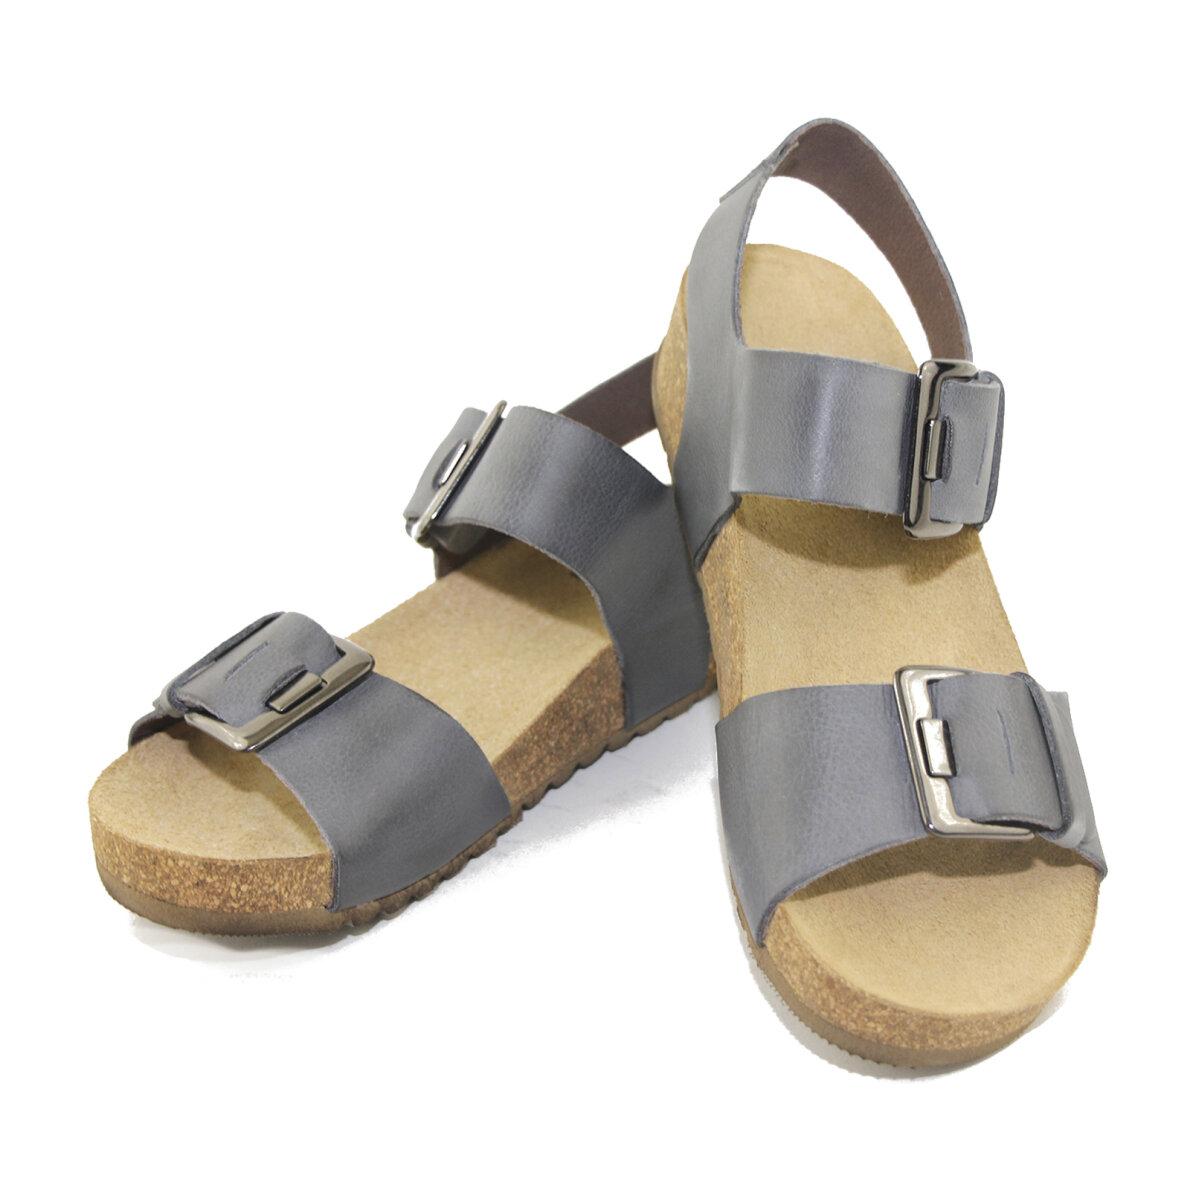 3514d09208e0 Lofina 808 - Blå dame sandal med fodseng - Piedi.dk